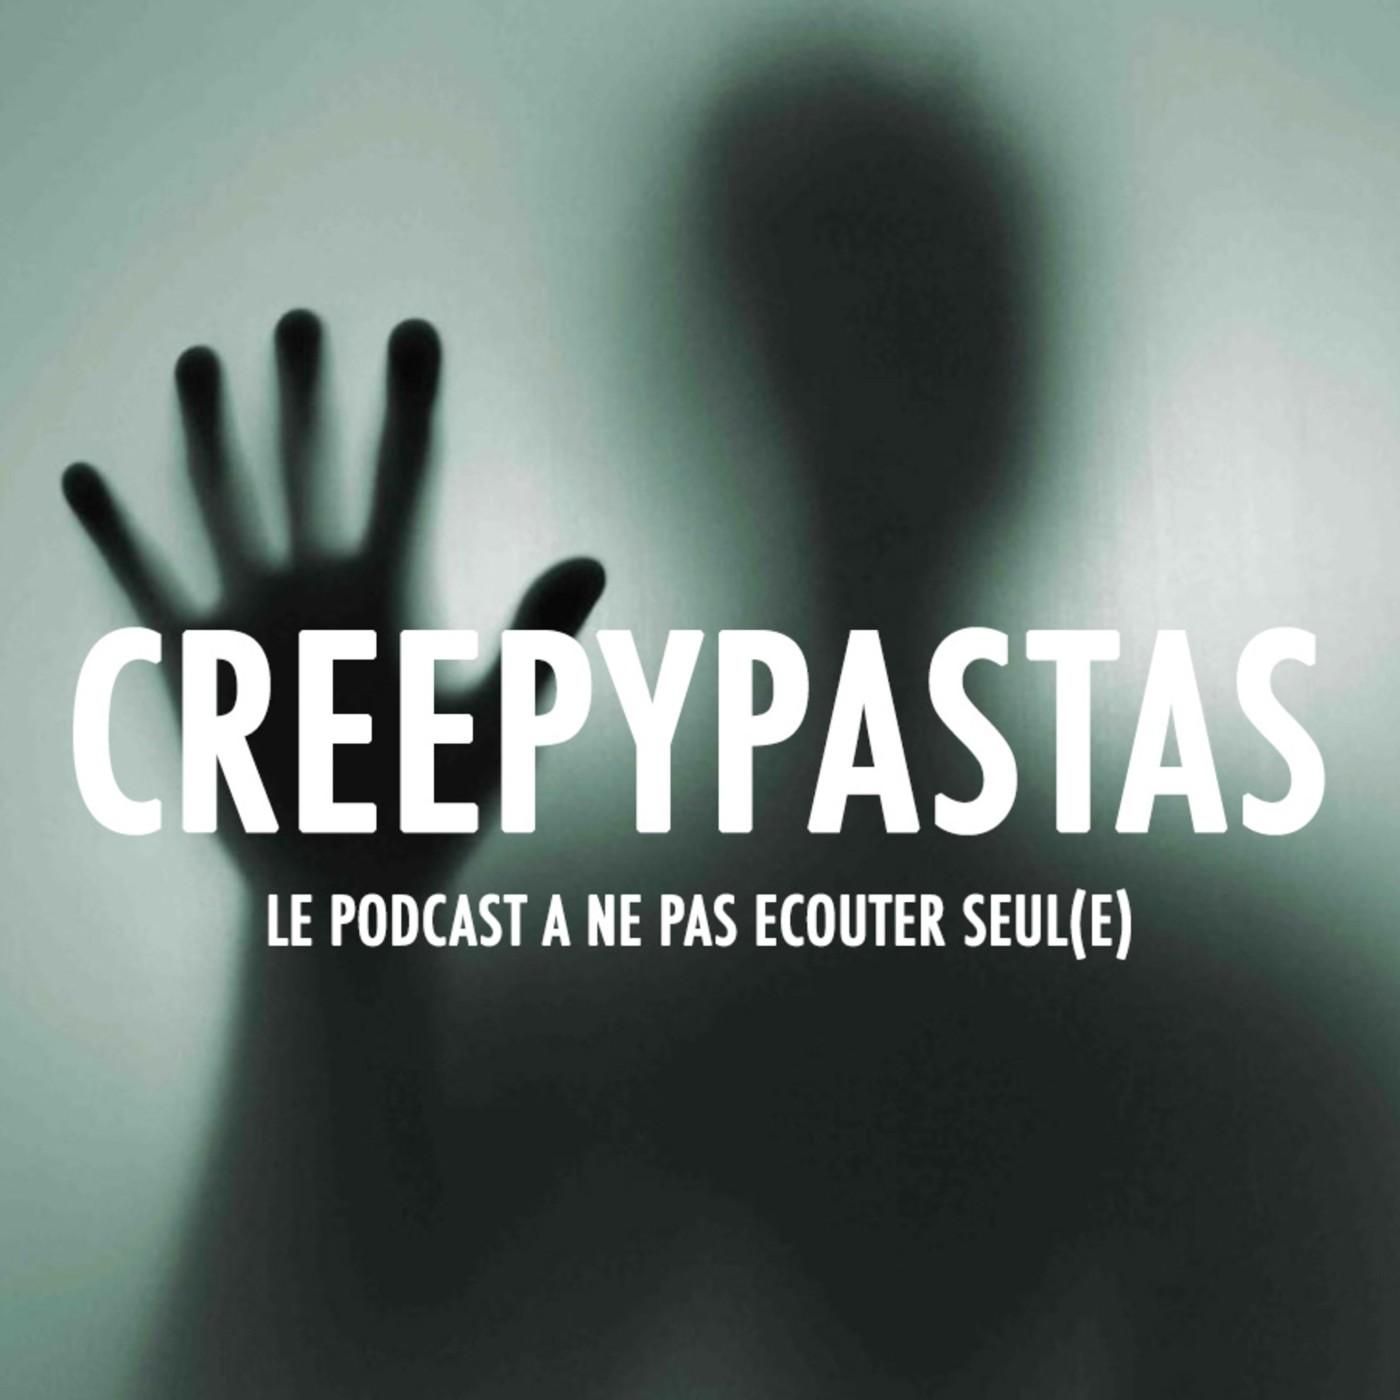 CREEPYPASTA EP.002 - Un rendez vous sanglant - Podcast horreur & paranormal